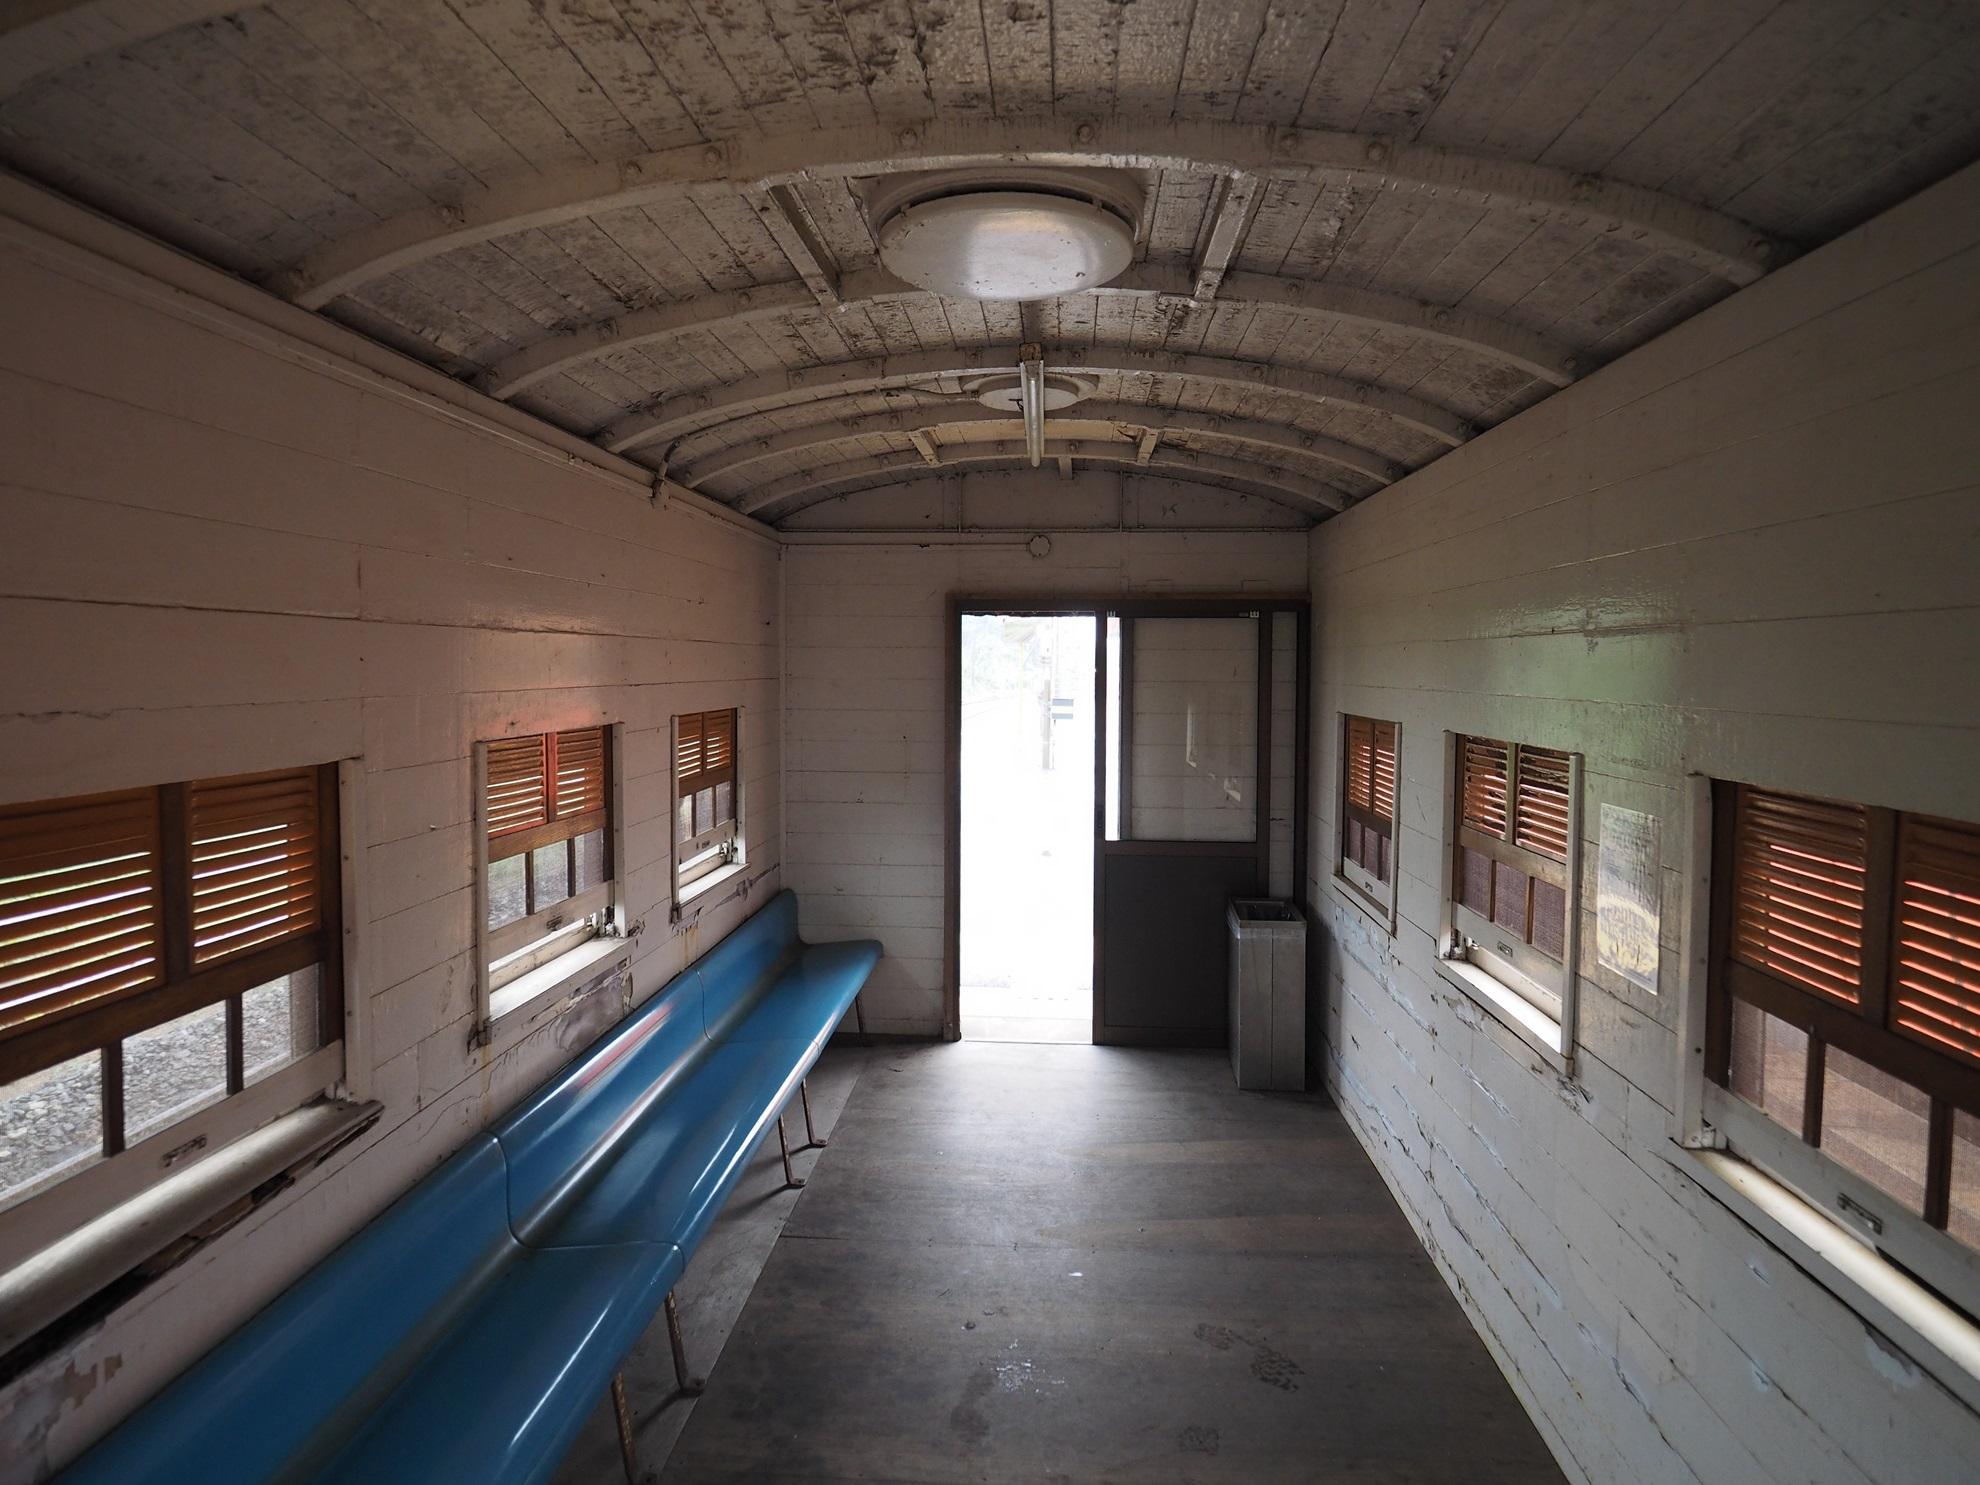 御来屋駅 ホームの待合室 内部